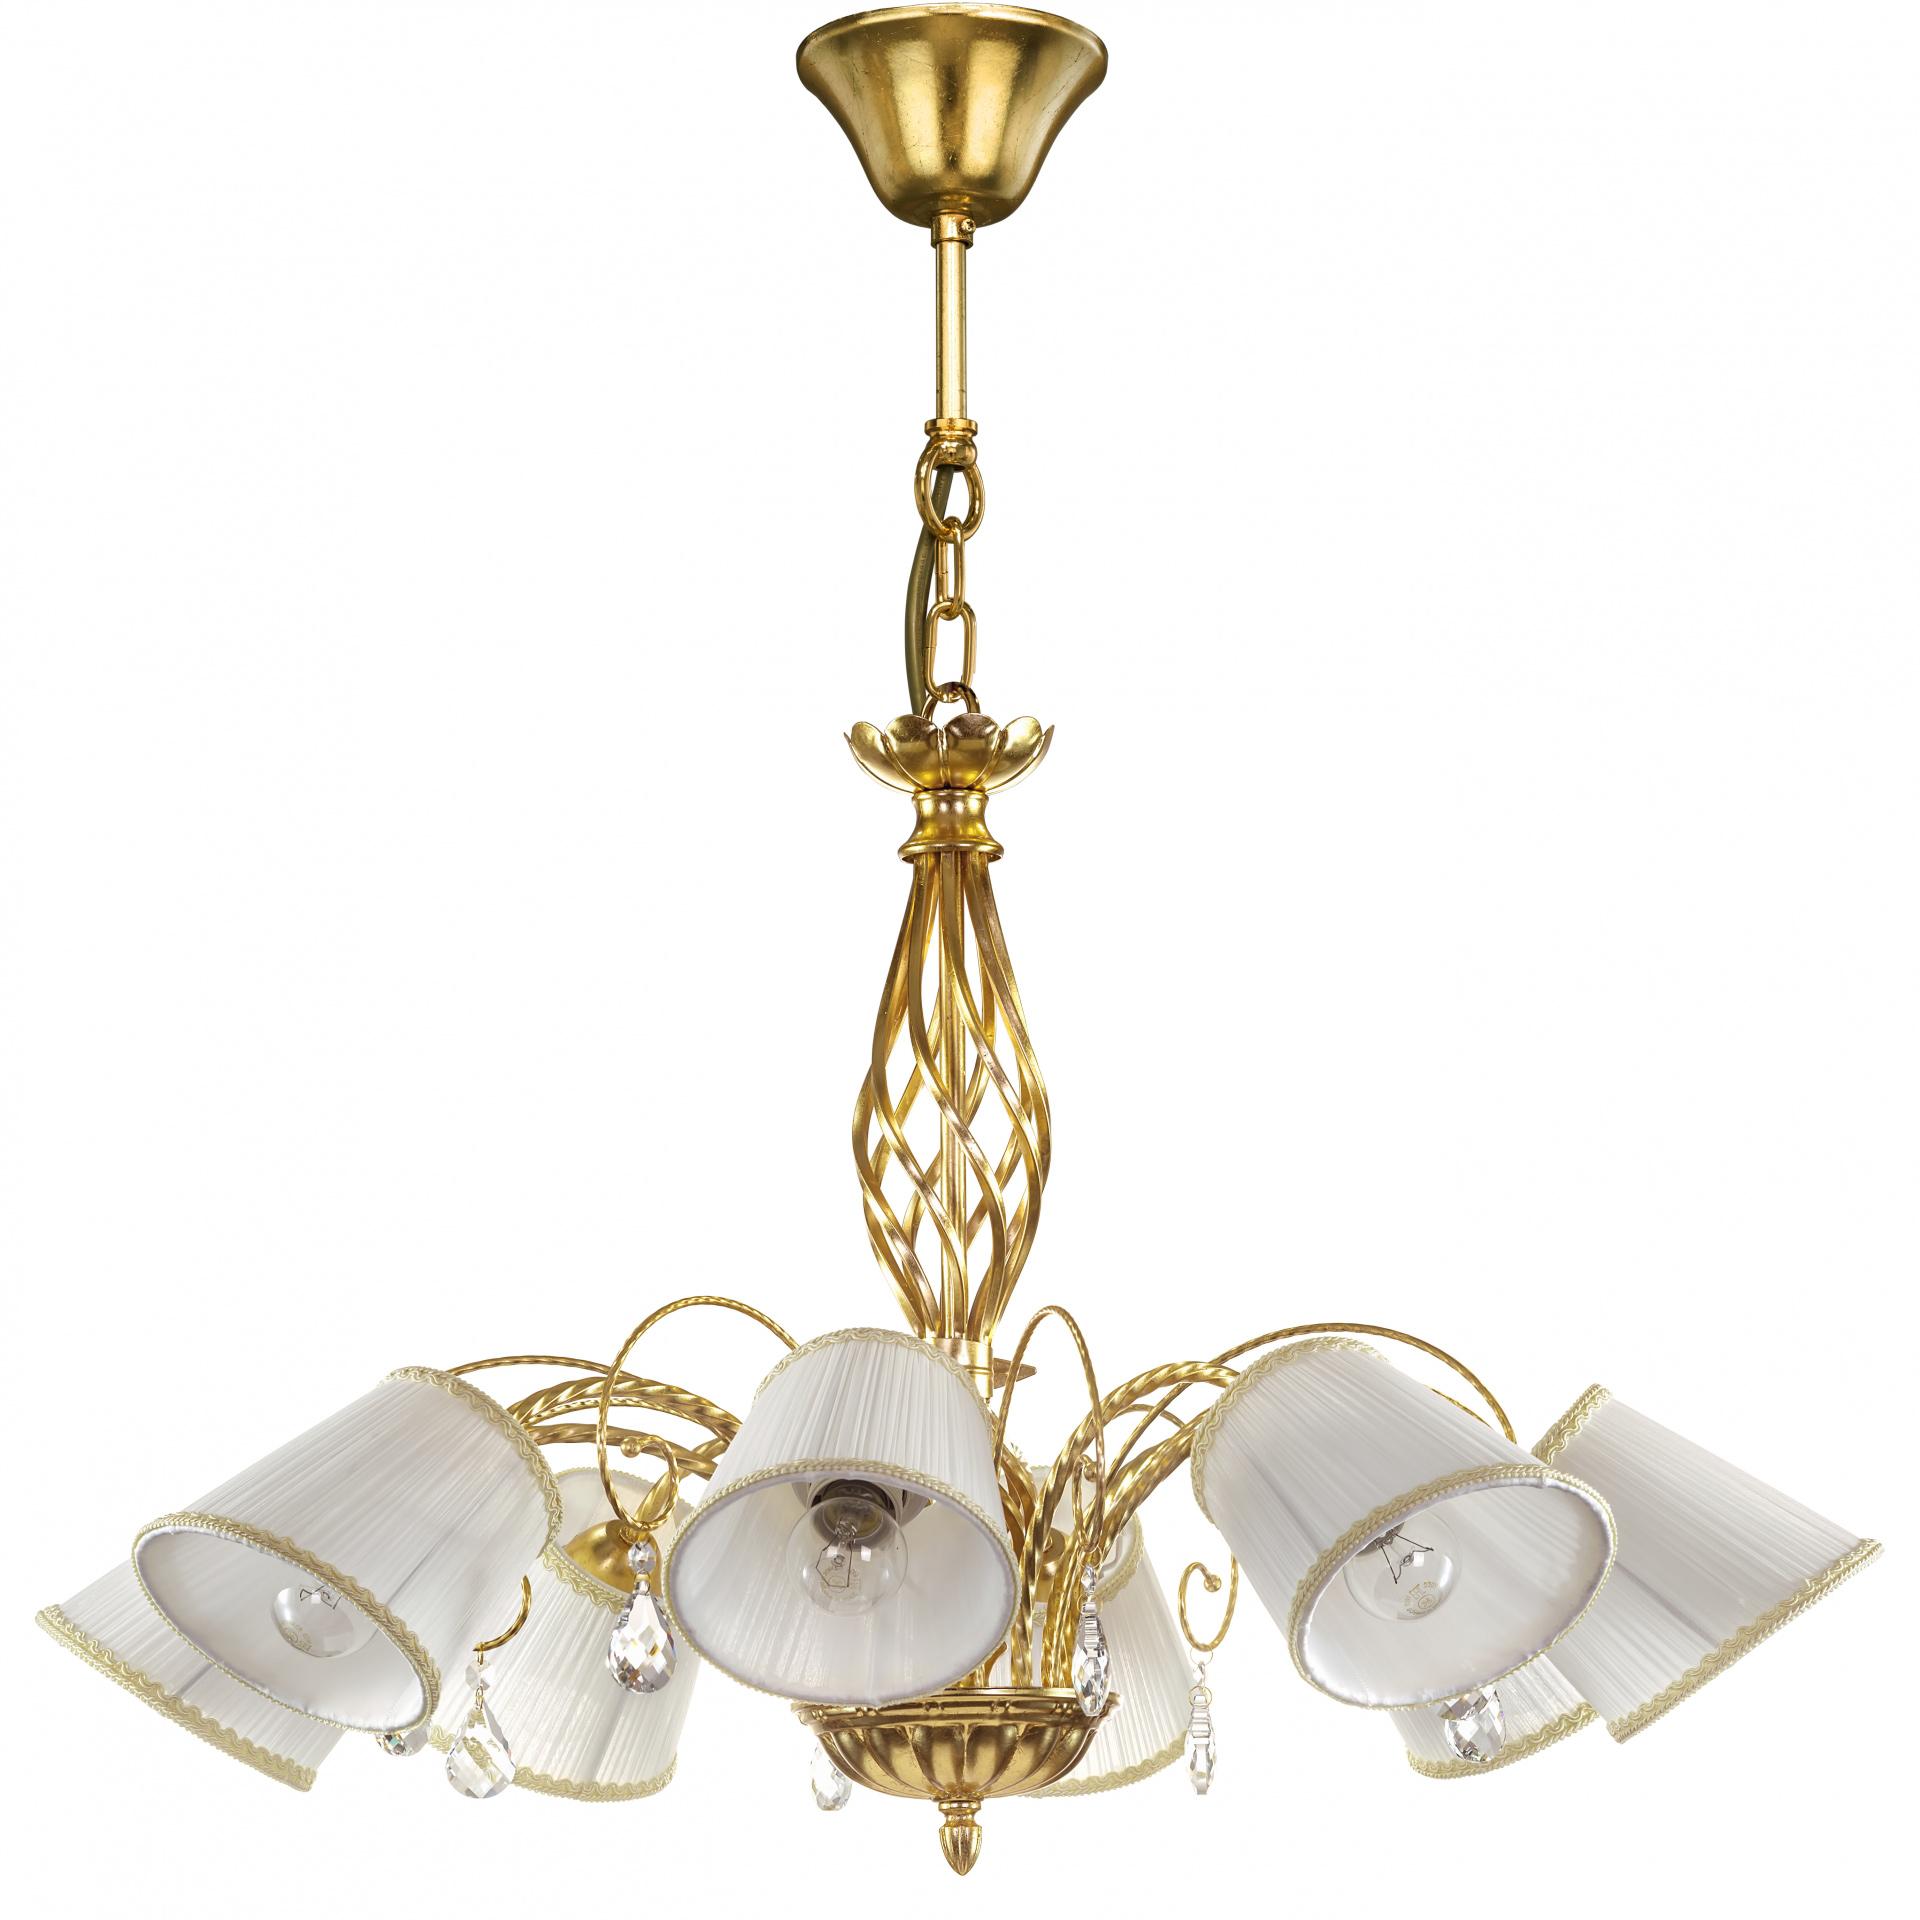 Люстра подвесная Esedra 8x40W E27 gold foil ткань Lightstar 796183, купить в СПб, Москве, с доставкой, Санкт-Петербург, интернет-магазин люстр и светильников Starlight, фото в жизни